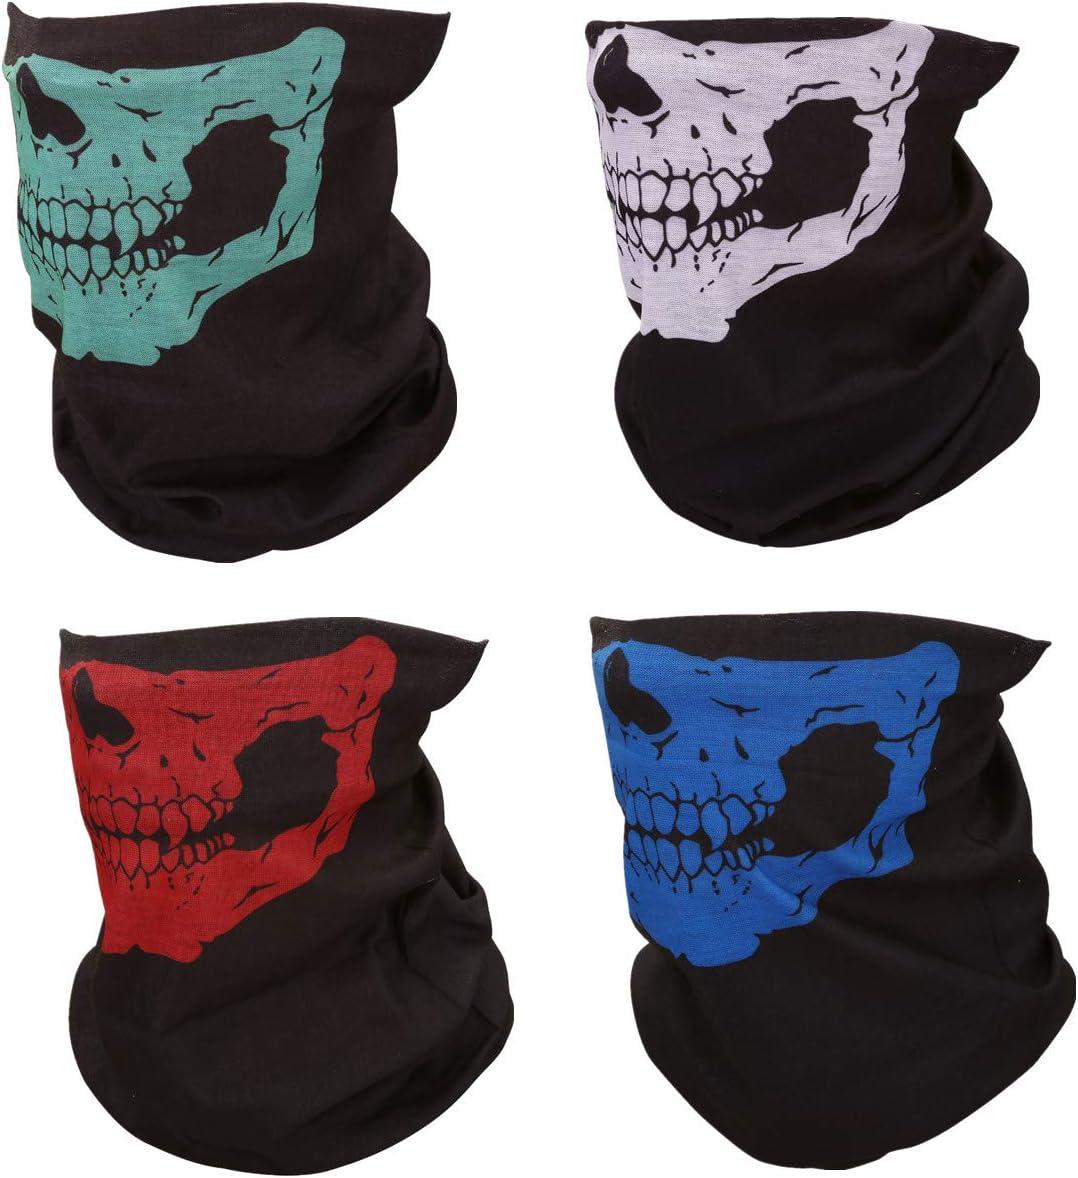 Chic Diary 4 Stück Multifunktionstücher Gesichtsschutz Tuch Motorrad Fahrrad Sturmmaske Buntes Halstuch Kopftuch Damen Herren Auto